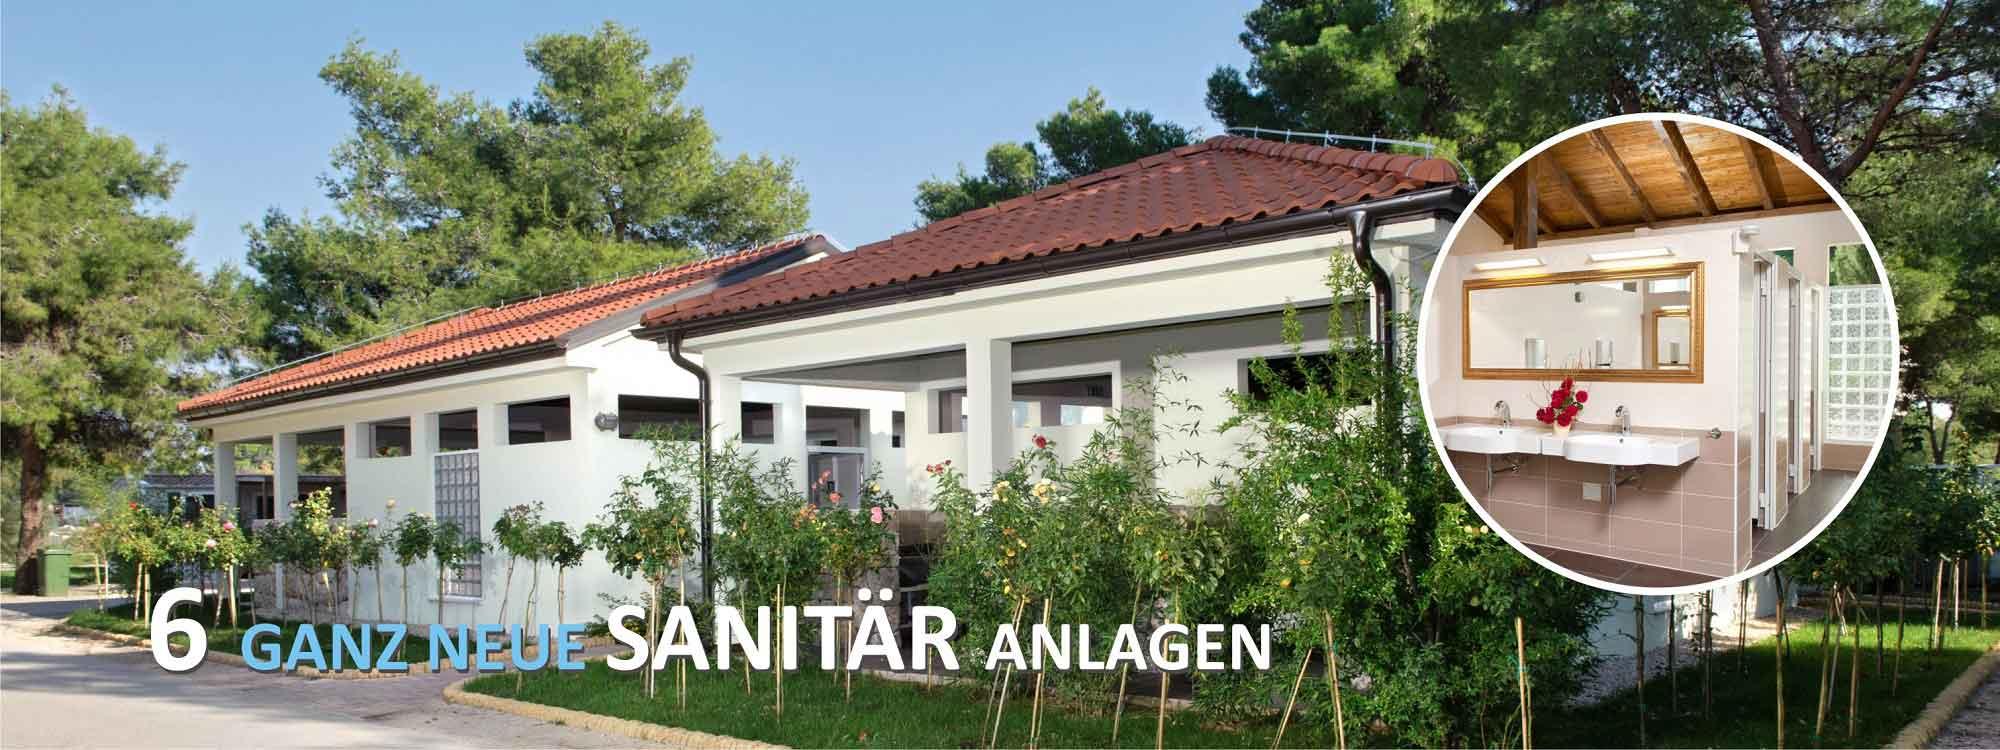 Solaris_camping_beach_resort_kroatien_ganz_neue-sanitar_anlagen_uralub_angebot